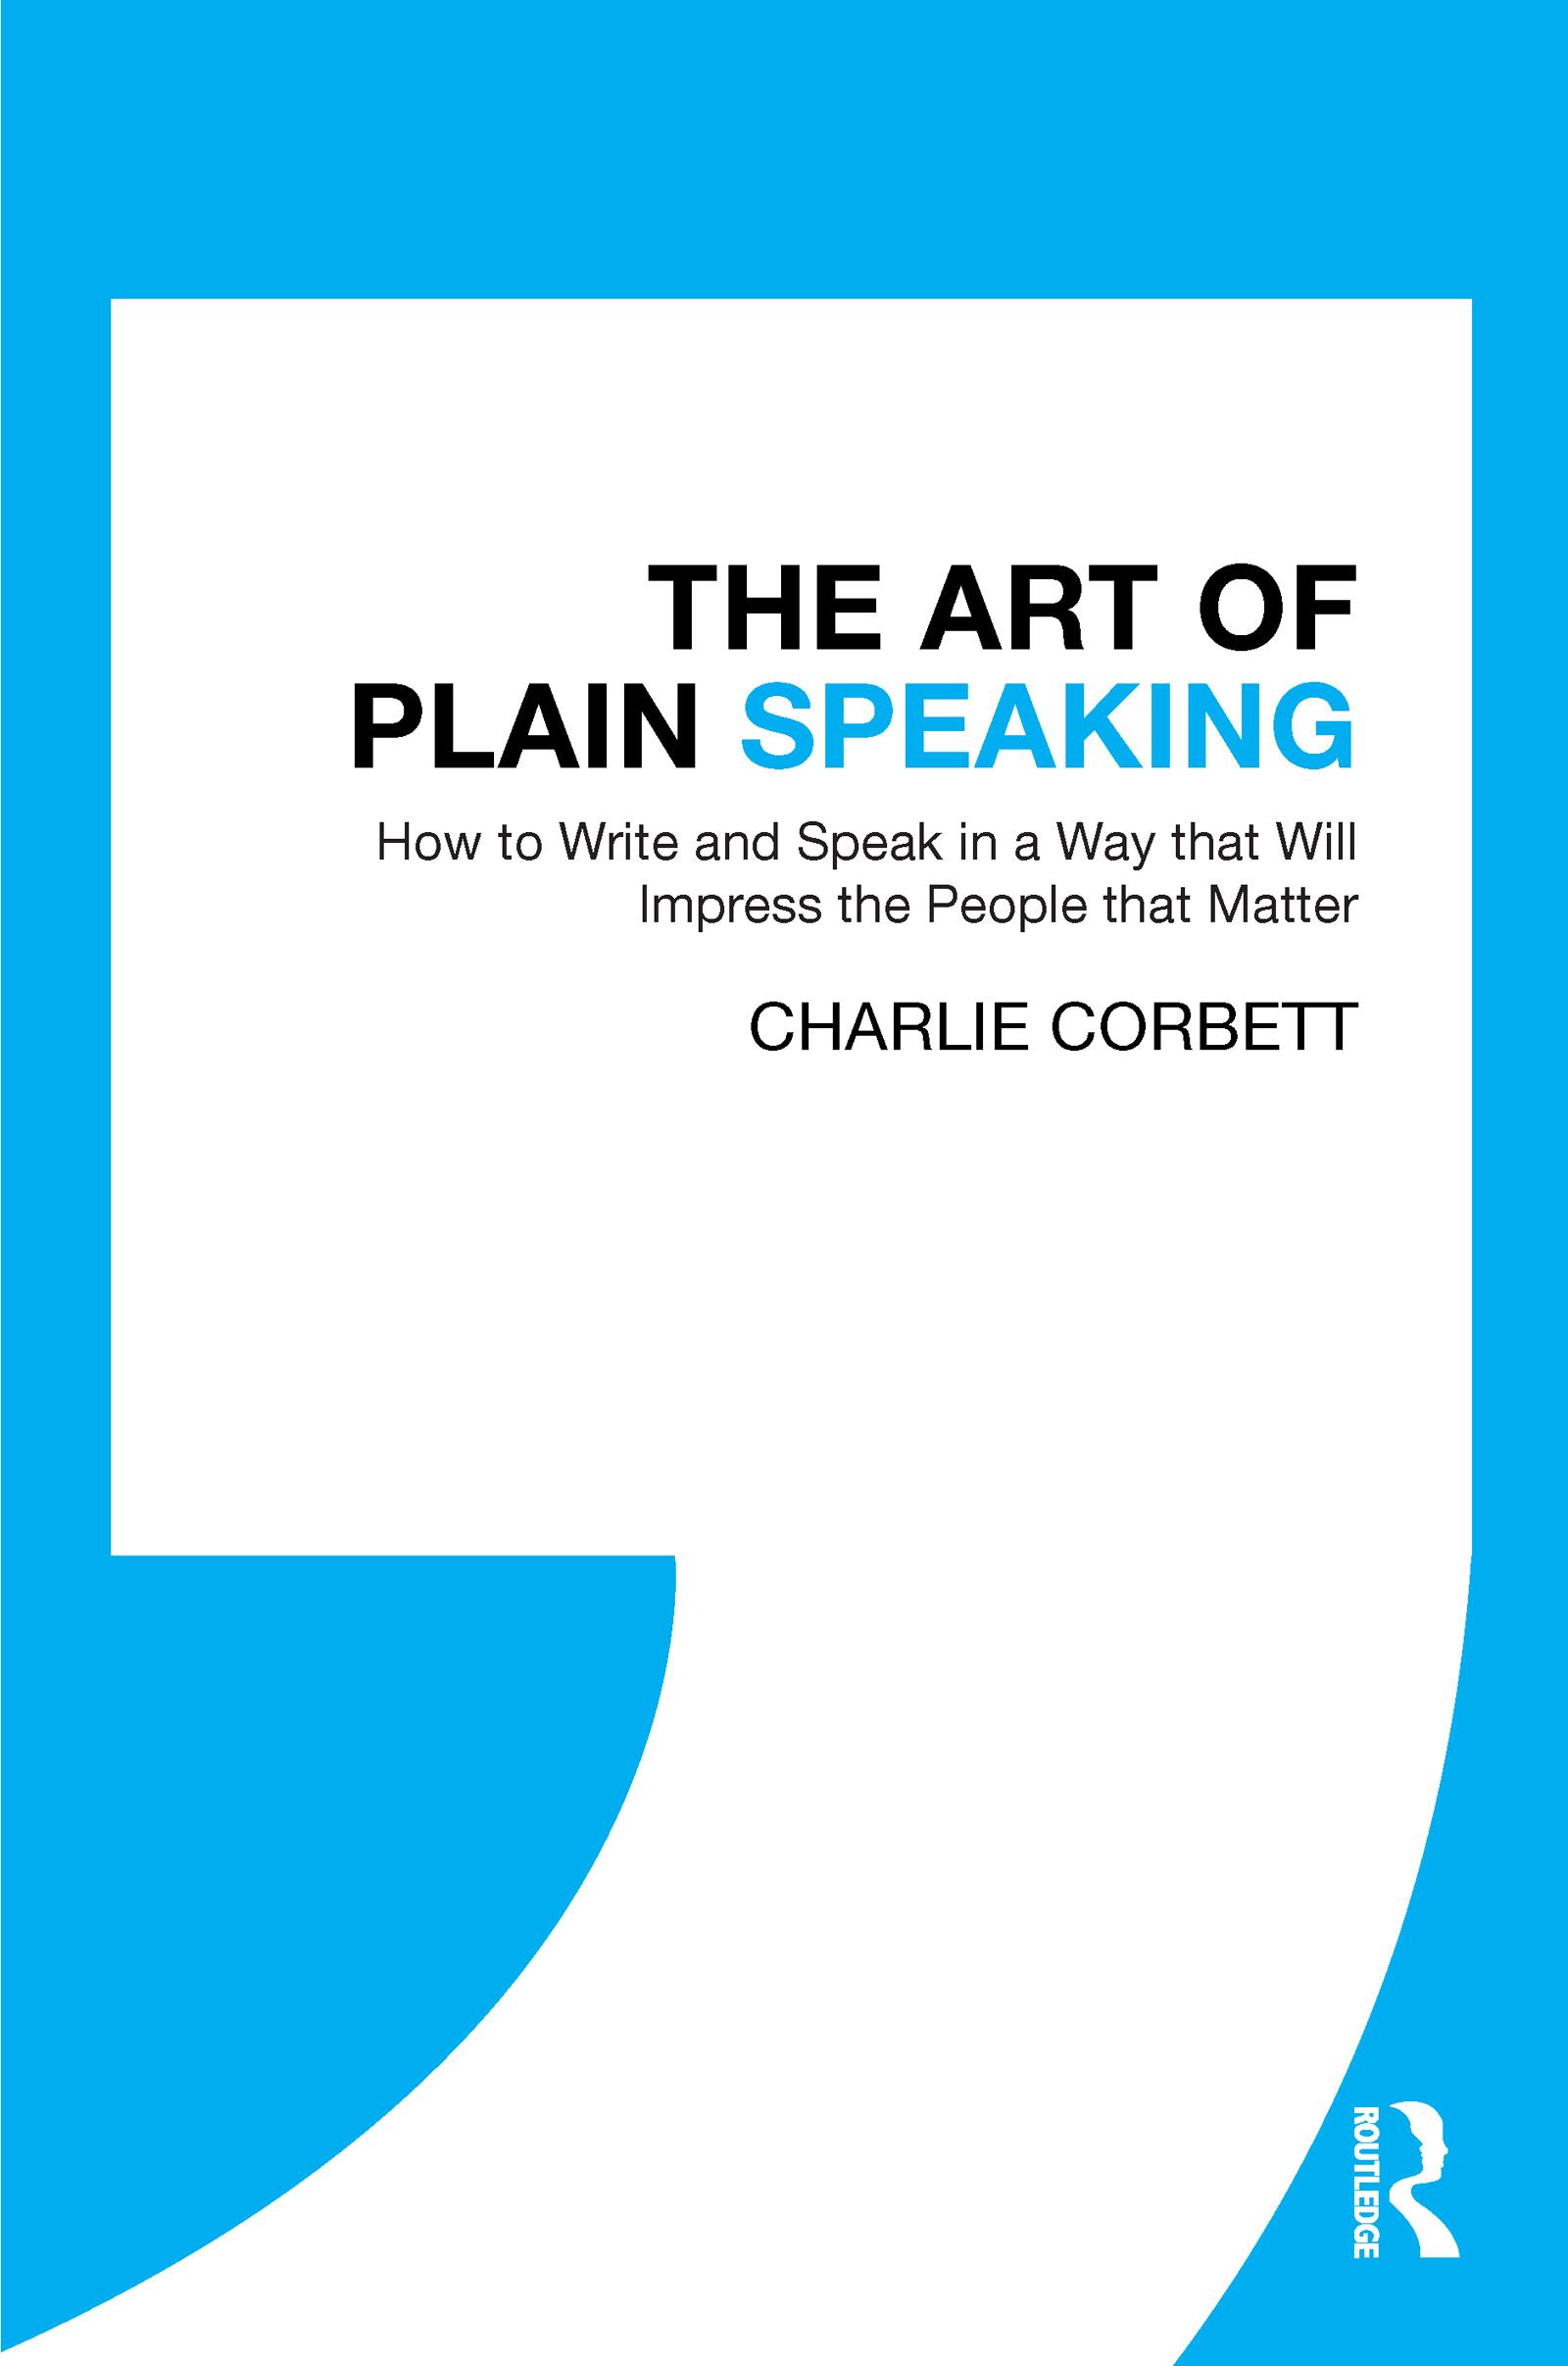 The Art of Plain Speaking